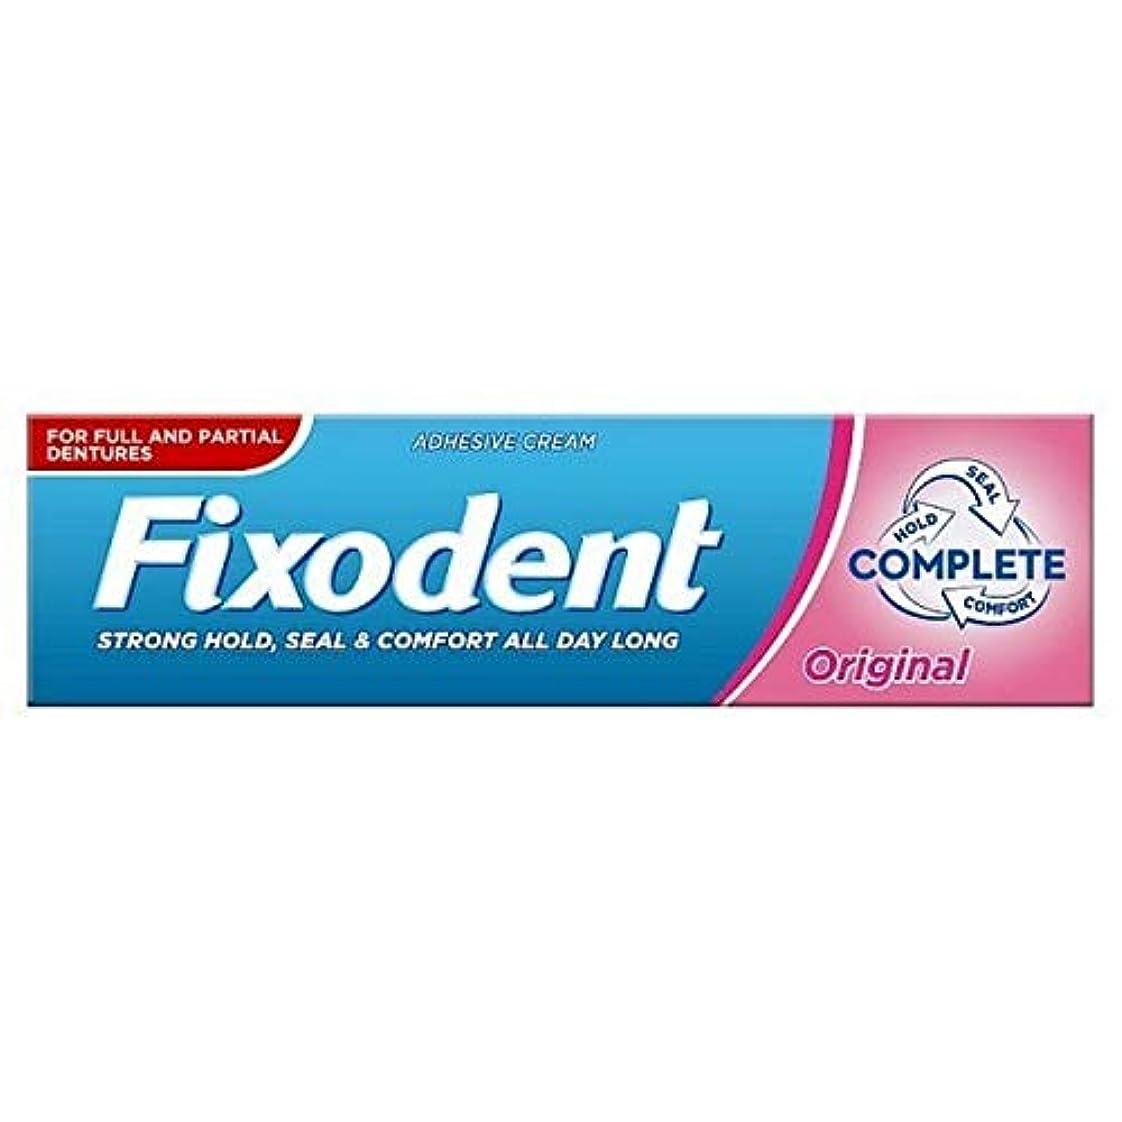 クレーター捧げる船員[Fixodent] Fixodent元義歯接着剤47グラム - Fixodent Original Denture Adhesive 47g [並行輸入品]